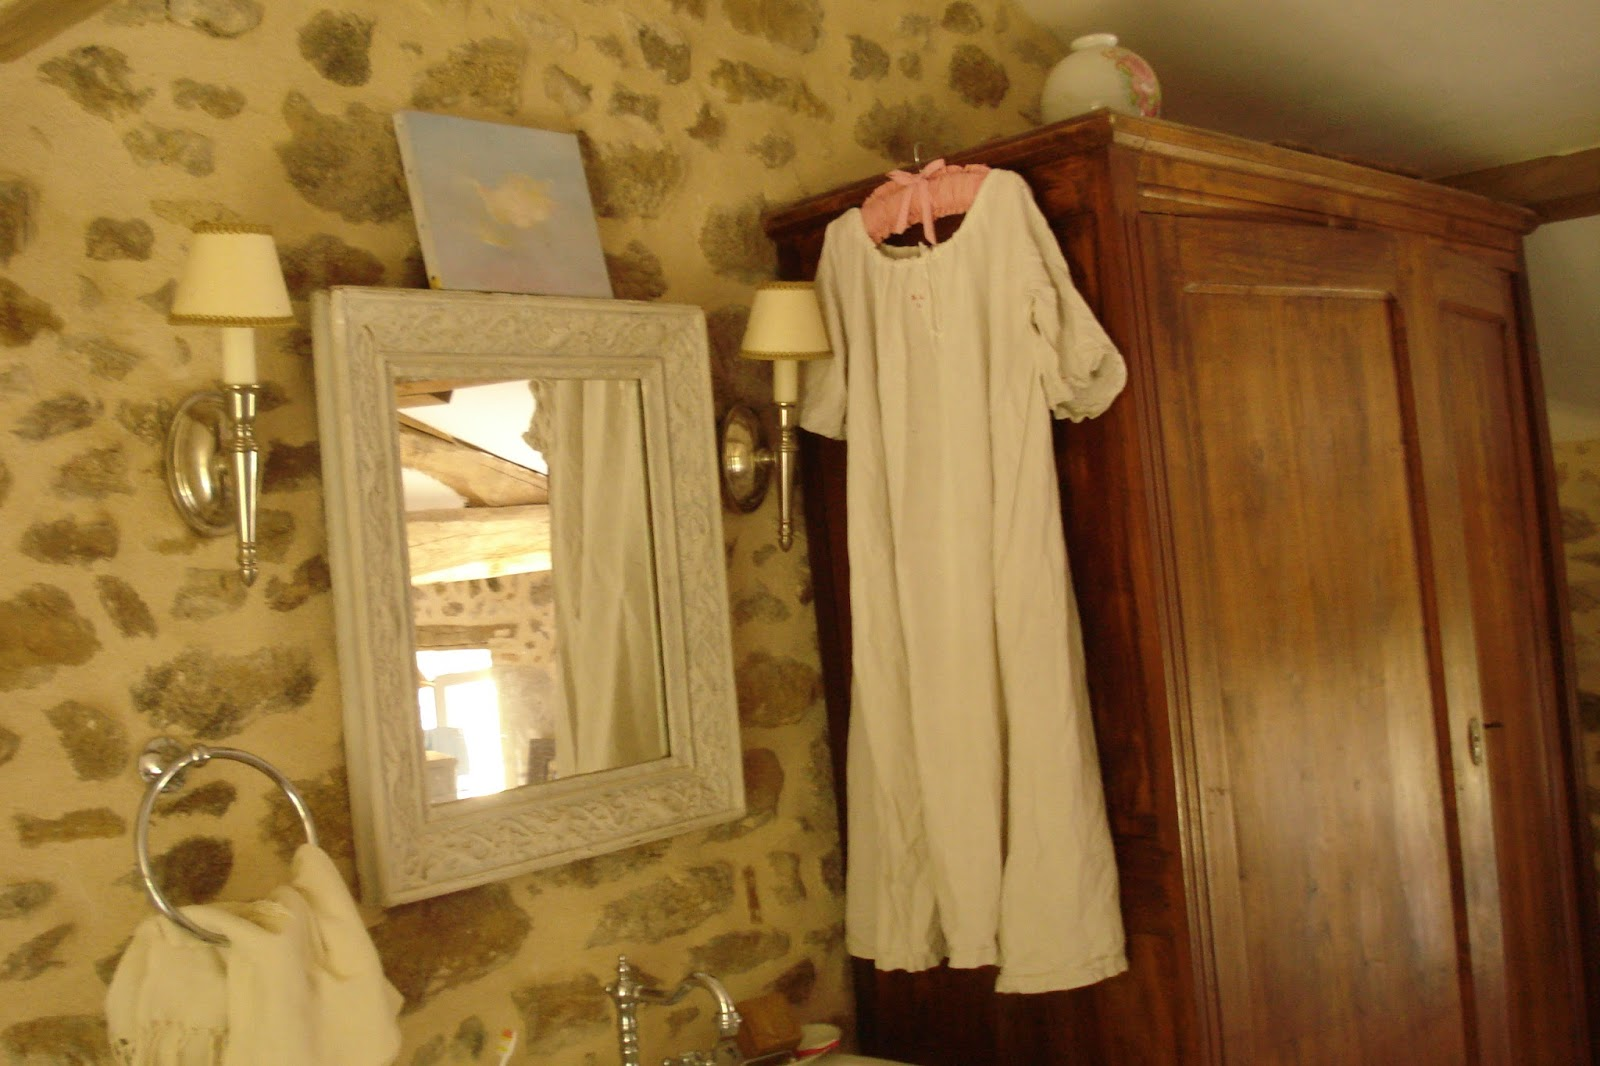 Salle de bain romantique chic - Carrelage salle de bain romantique ...